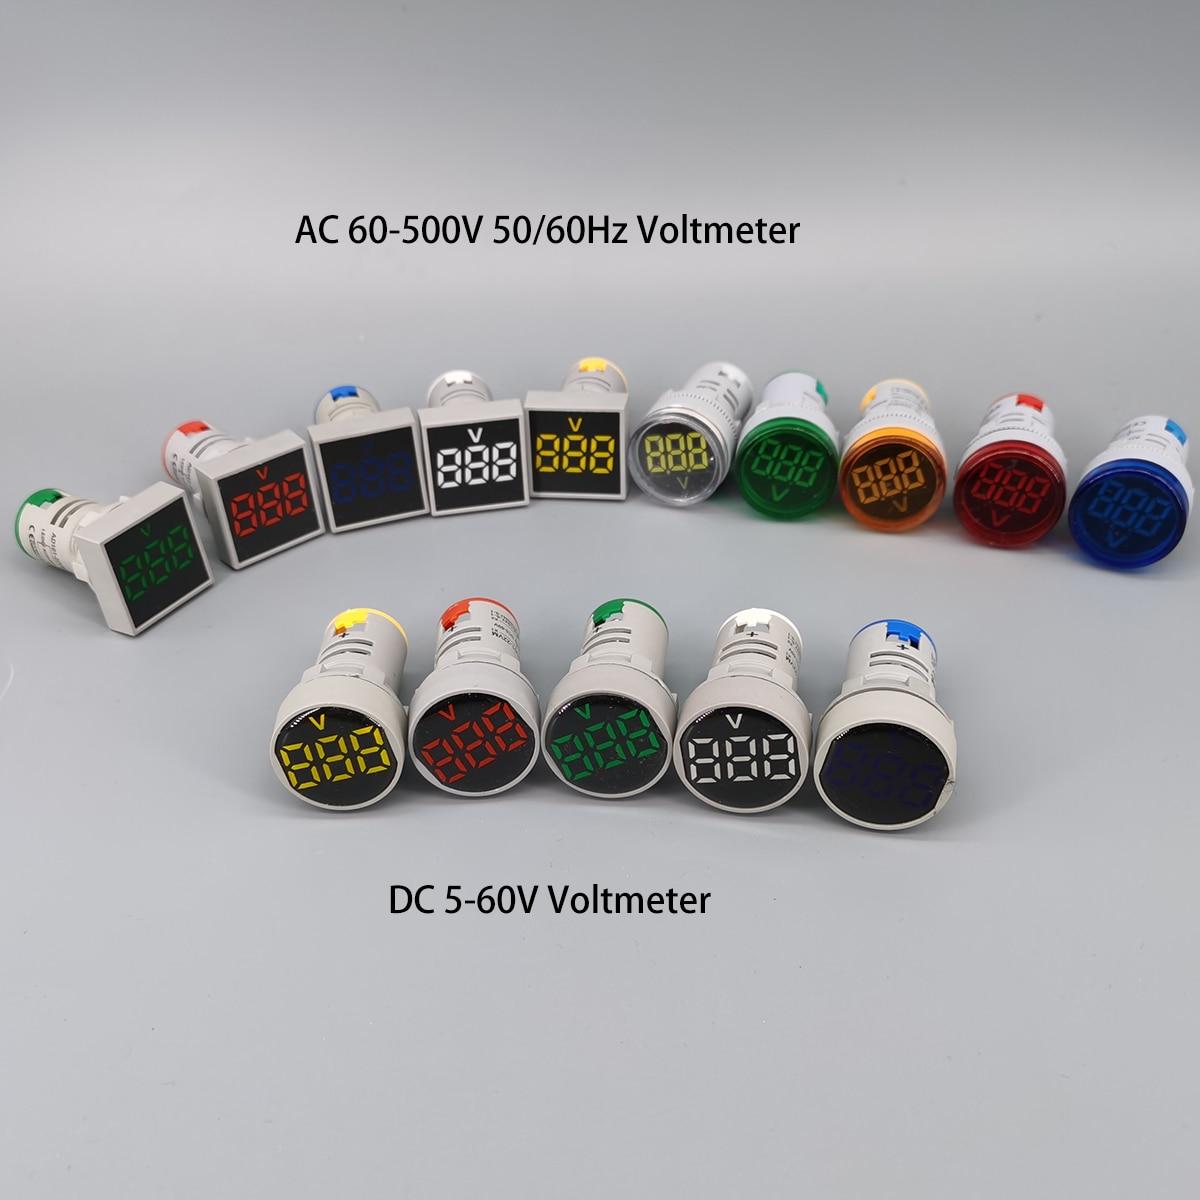 LED Voltmeter Signal Lights Digital Display Gauge Volt Voltage Meter Indicator Lamp Tester Measuring Range AC 60-500V DC 5-60V